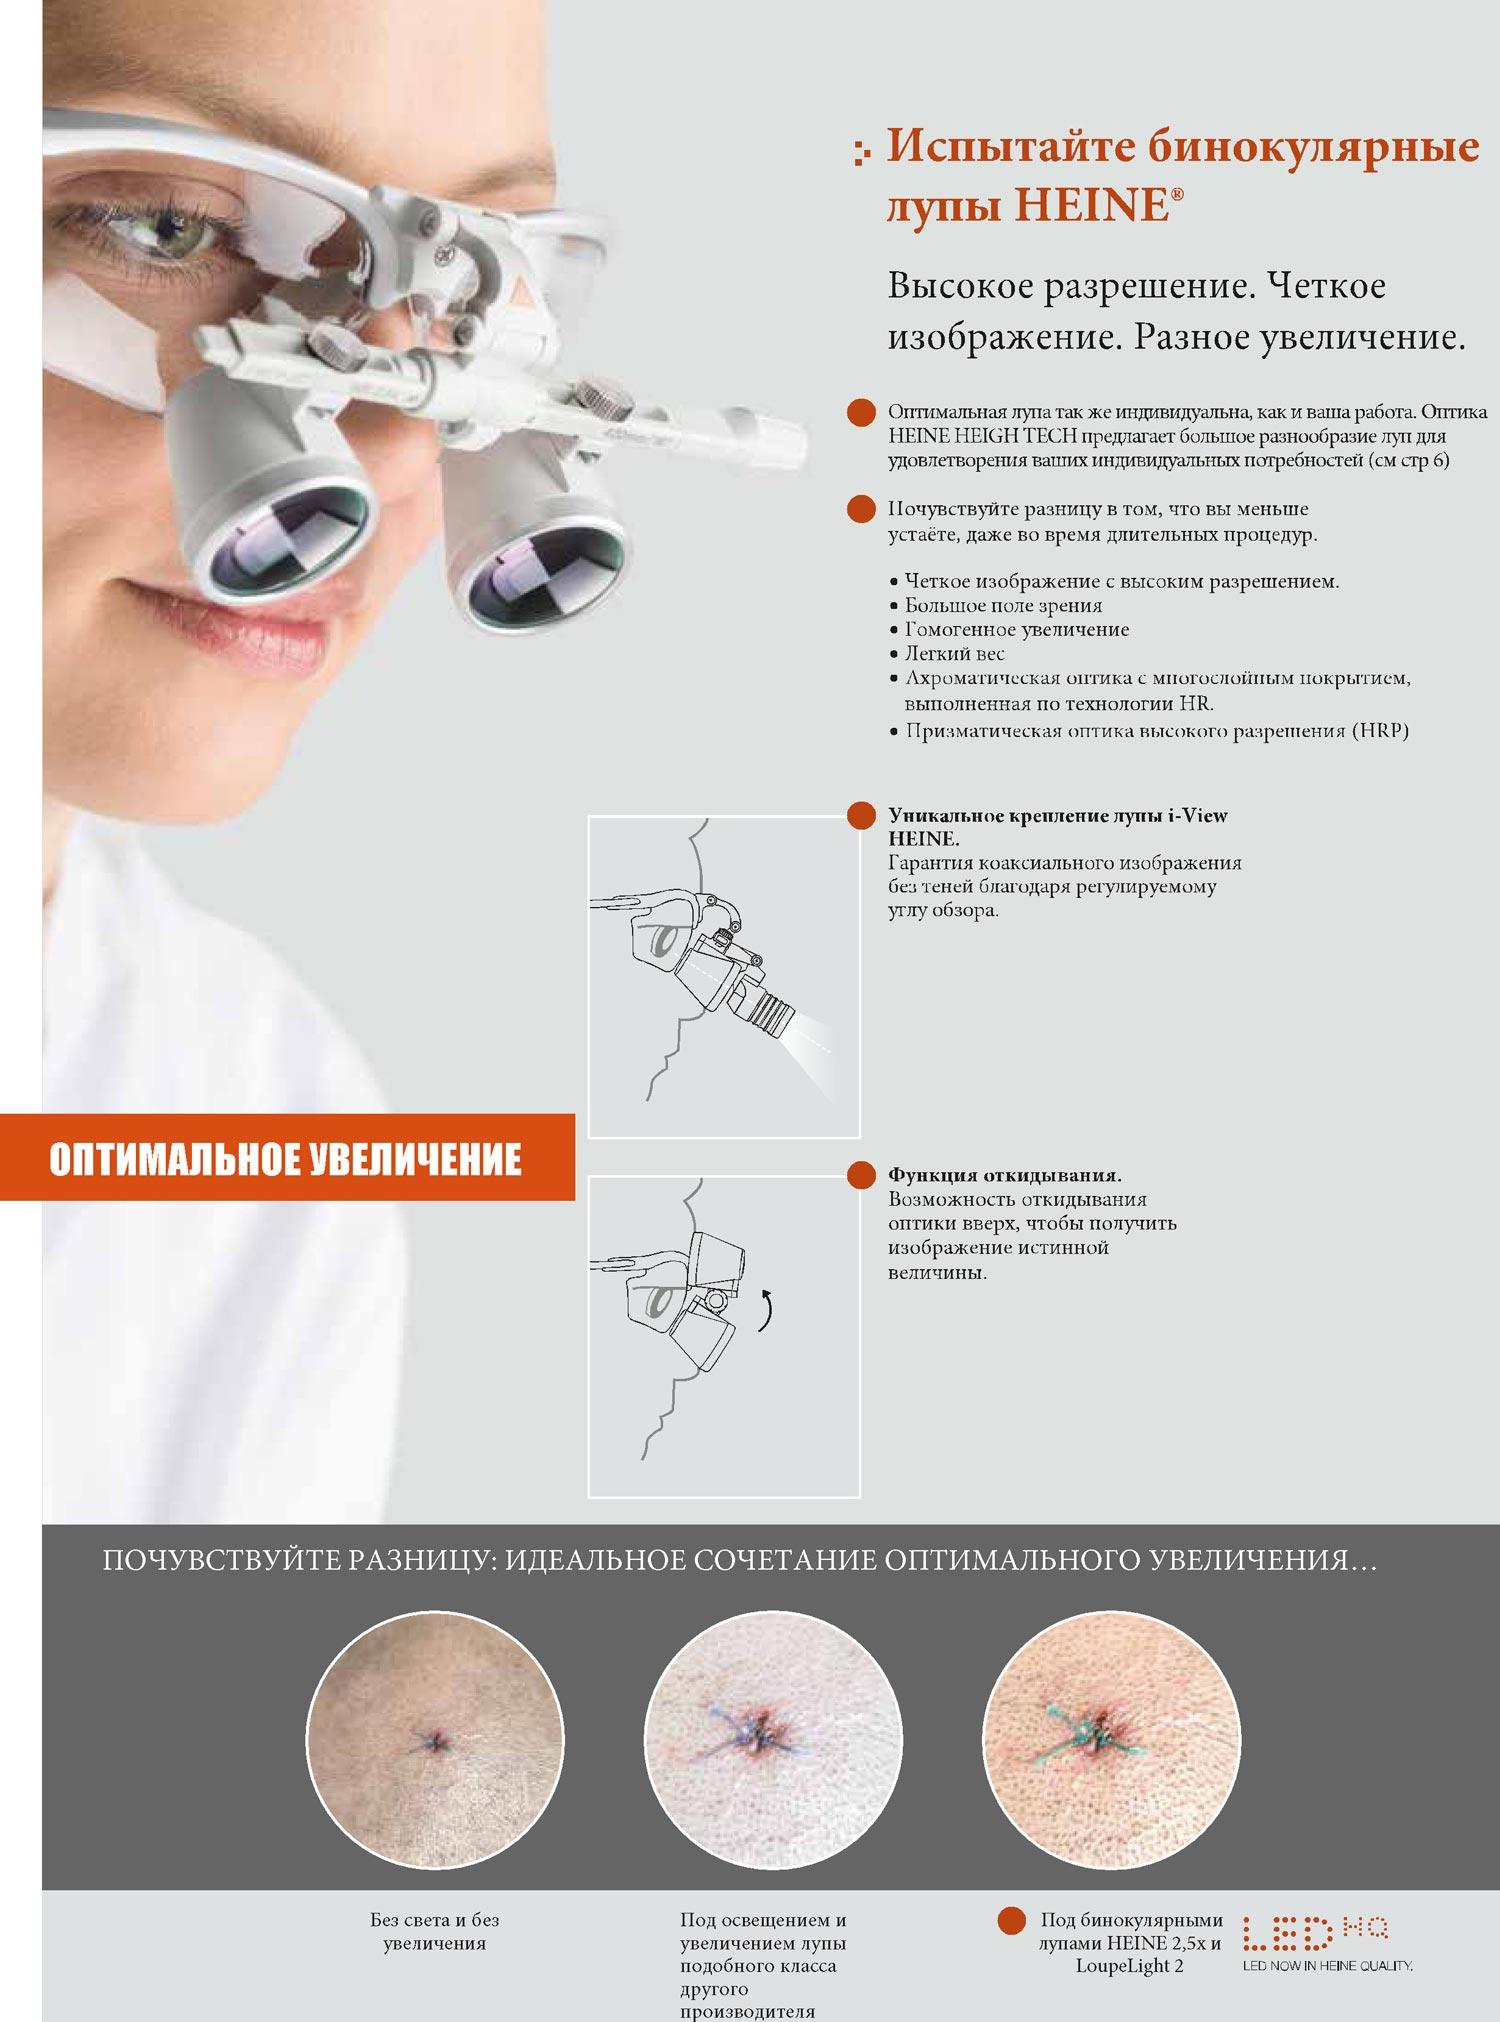 Бинокулярная оптика - фото Бинокулярные лупы HEINE по выгодной цене